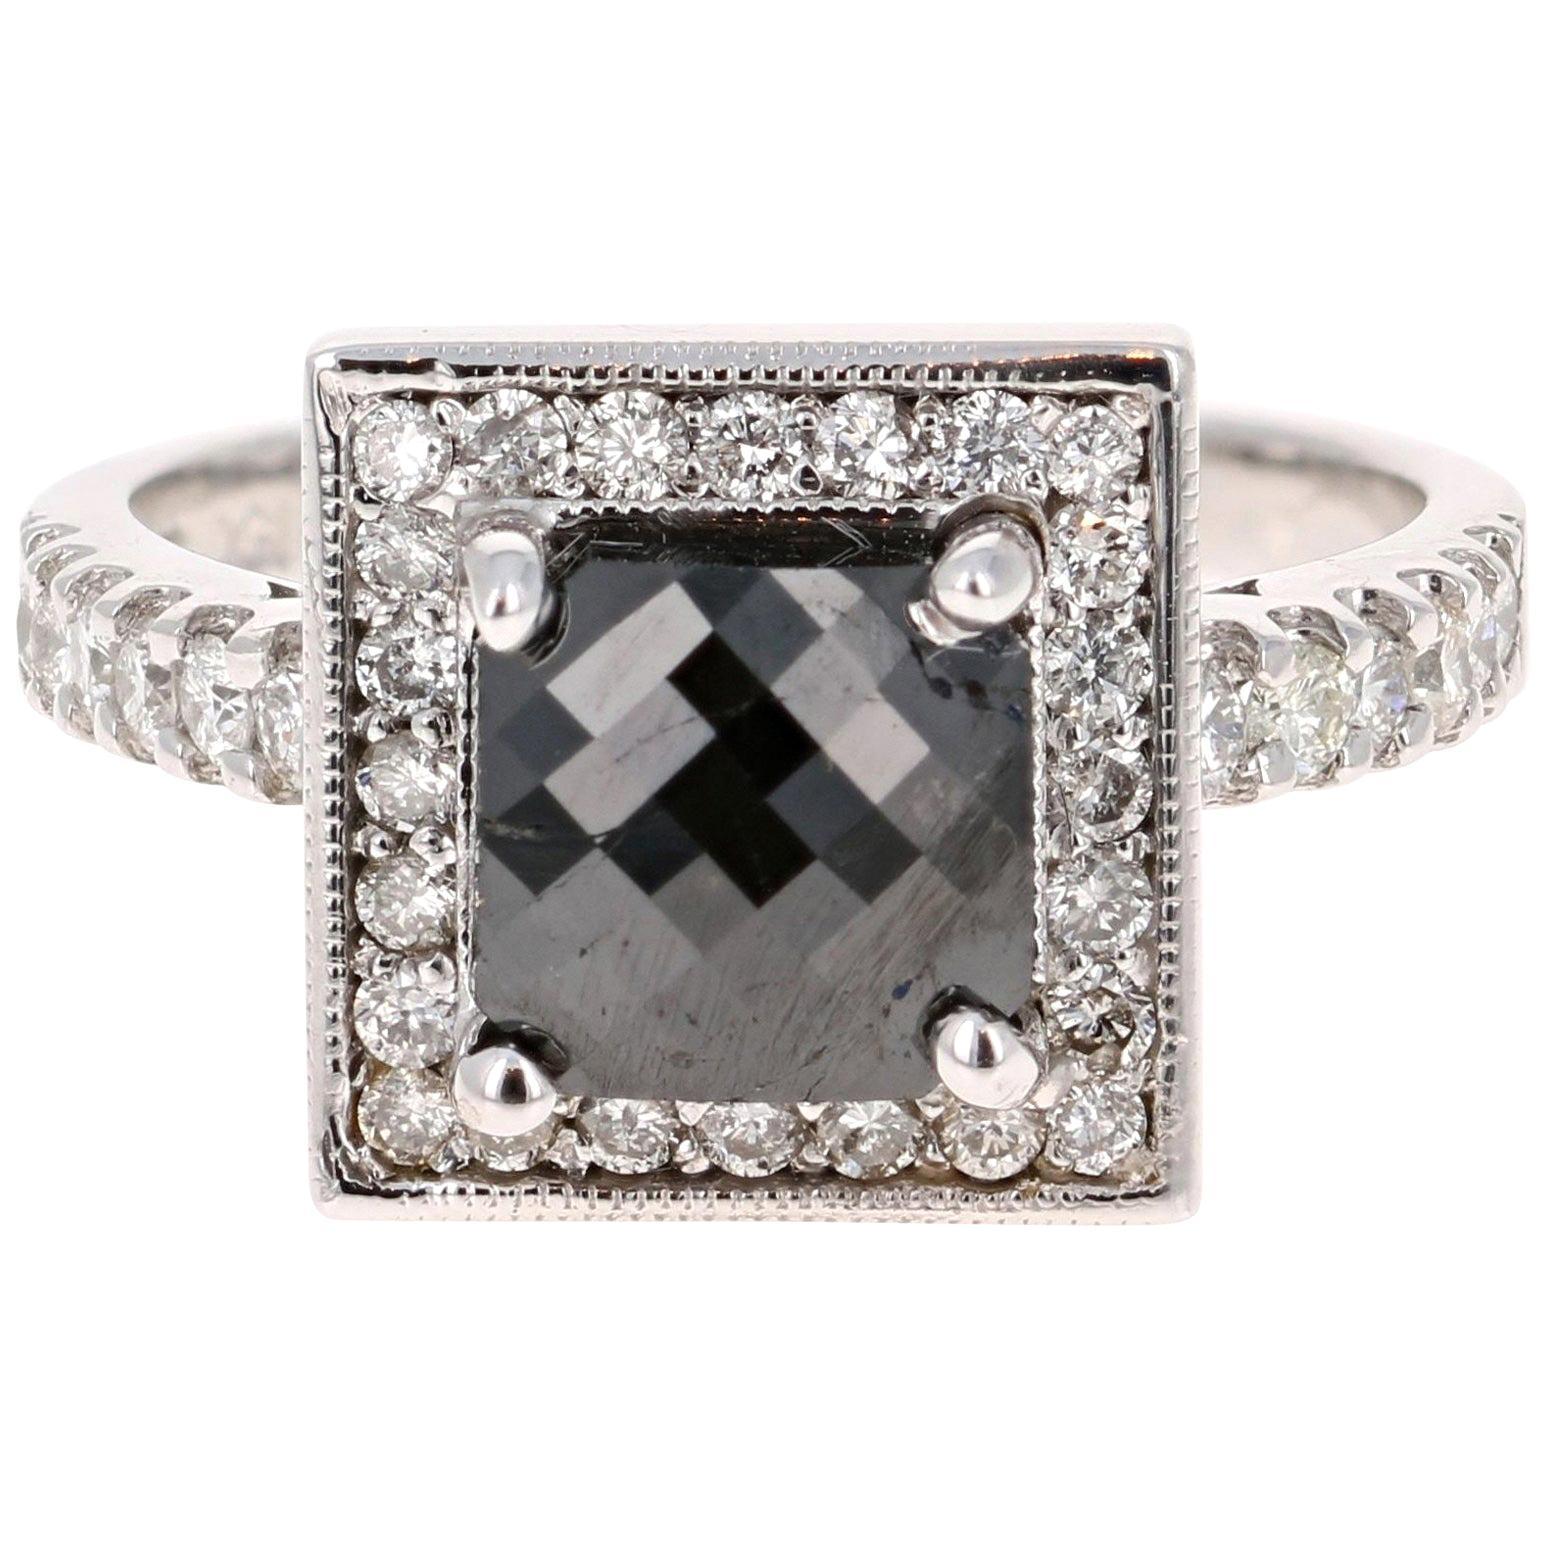 2.53 Carat Cushion Cut Black Diamond White Gold Bridal Ring 14 Karat White Gold